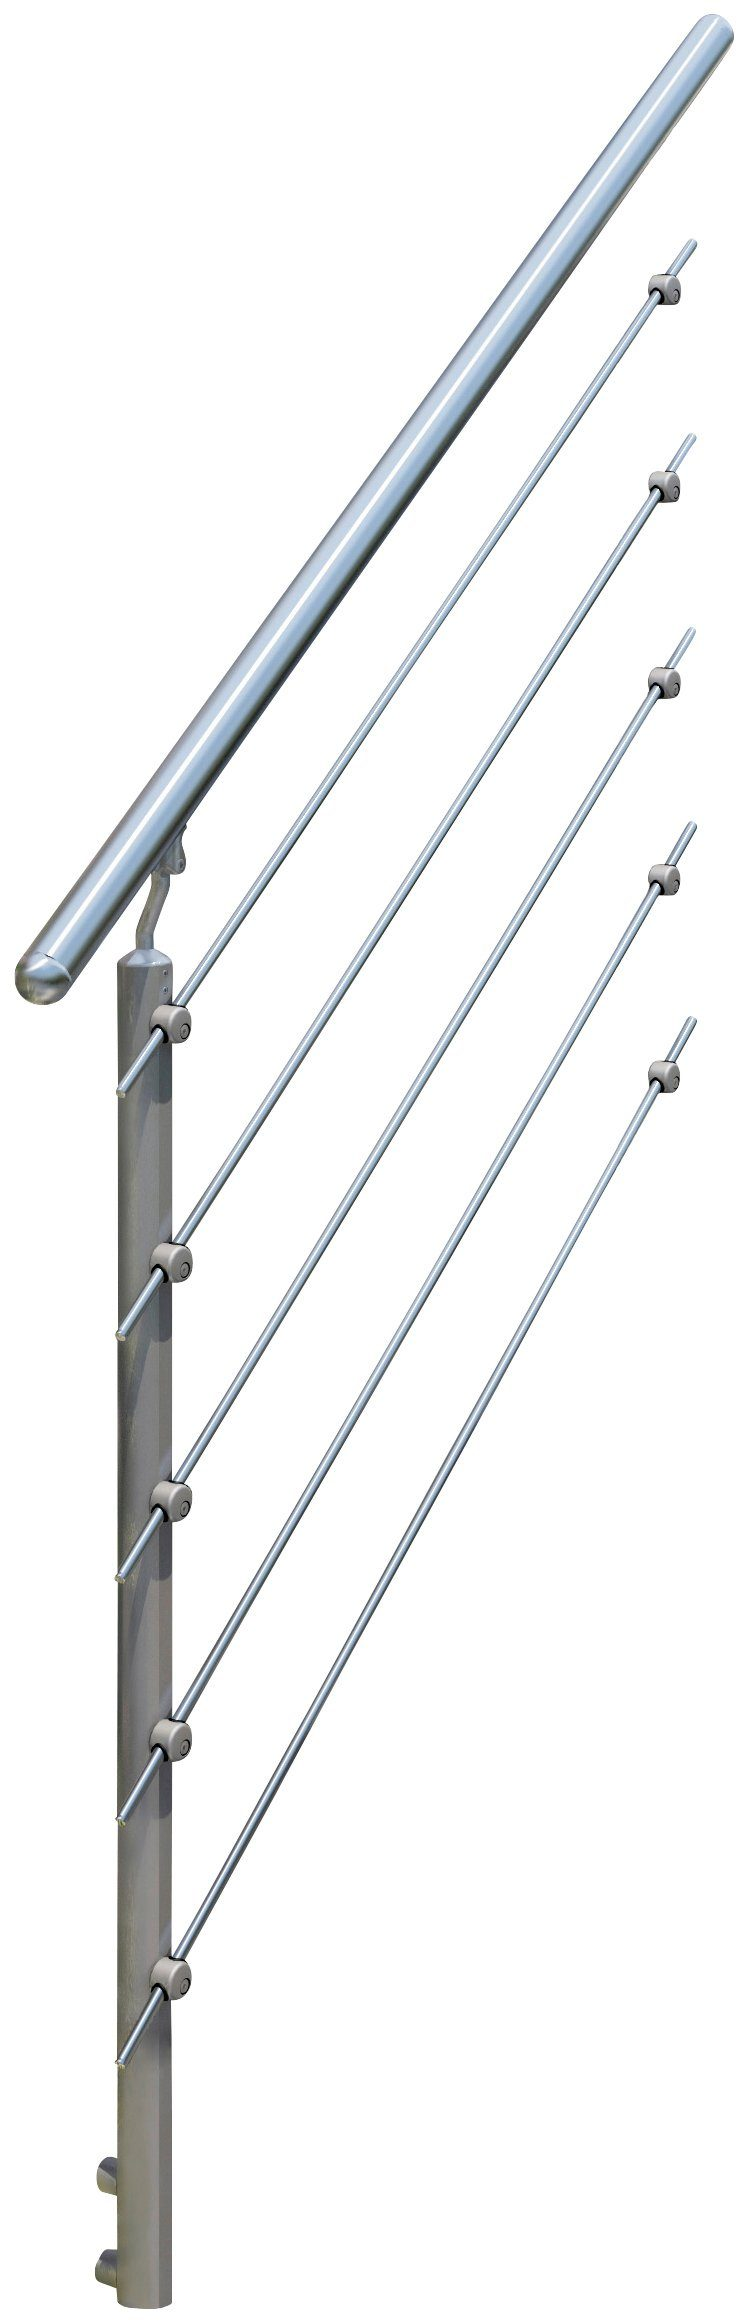 DOLLE Geländersystem »Gardentop Set 5«, Erweiterungsset, 1 Pfosten und Handlauf